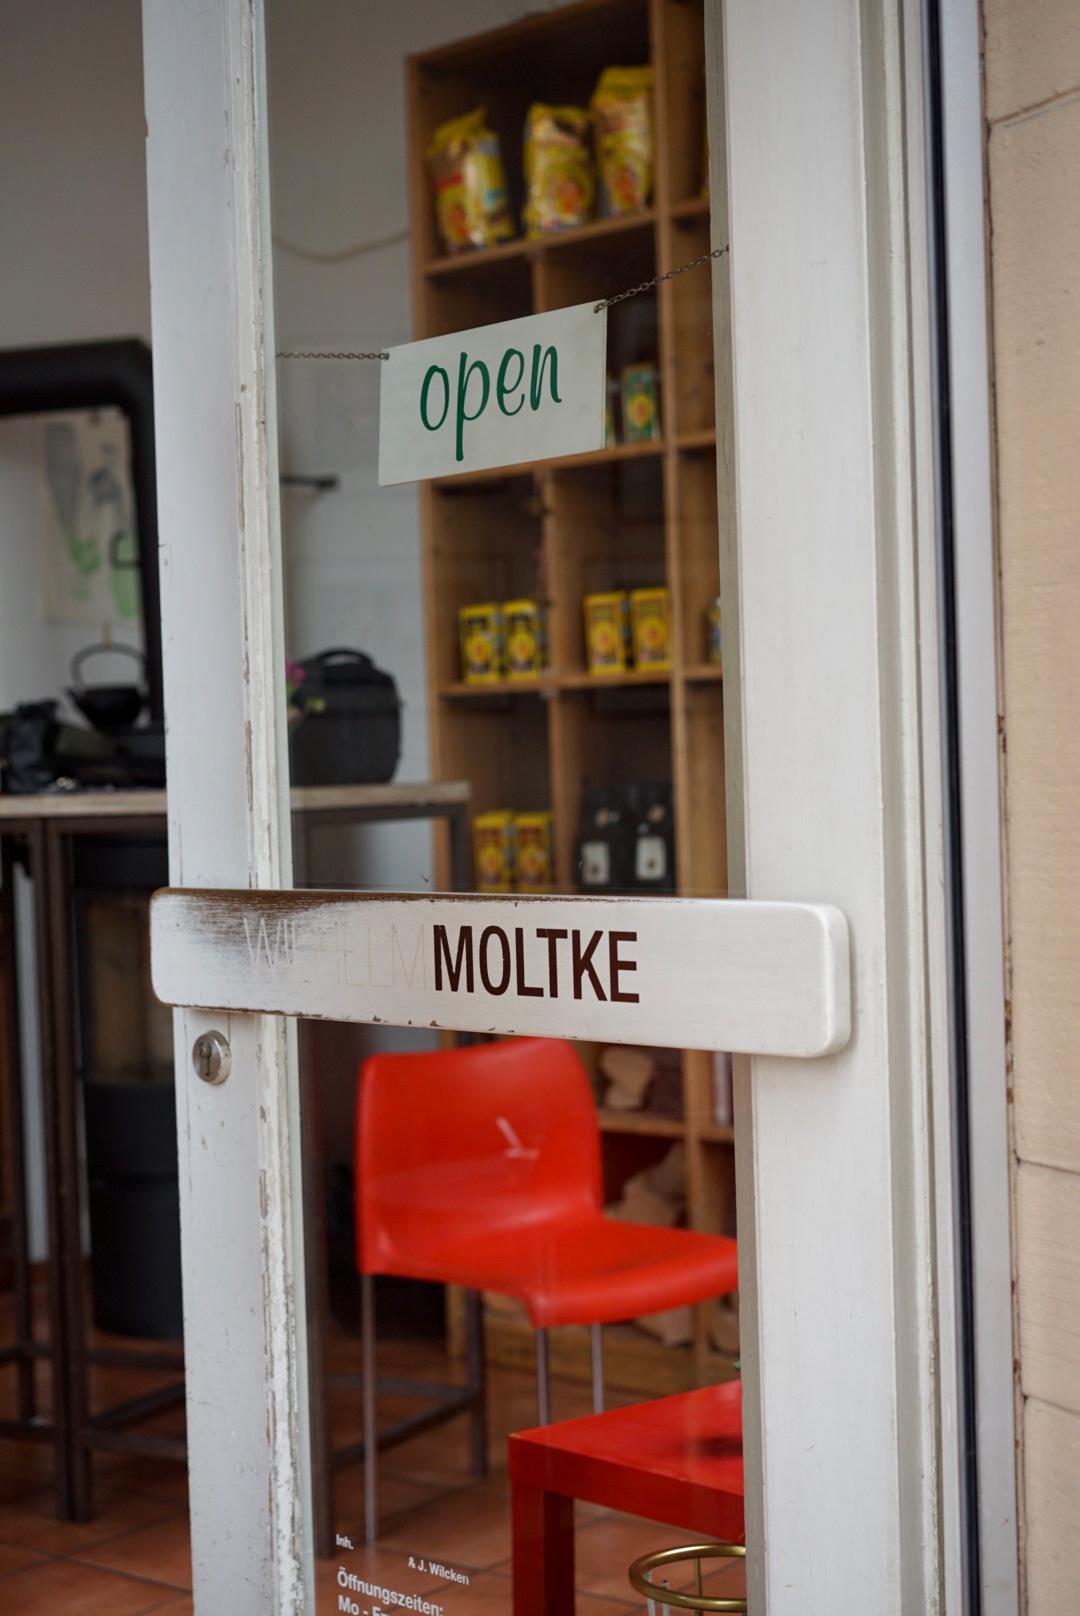 Öffnungszeiten: - Mo – Fr, 8:00 – 18:00Sa, 10:00 – 18:00Sonntagsvon 1. Mai bis 1. Oktober: geschlossenSonntagsvon 1. Oktober bis 1. Mai: 11:00 - 18:00Feiertag geschlossen